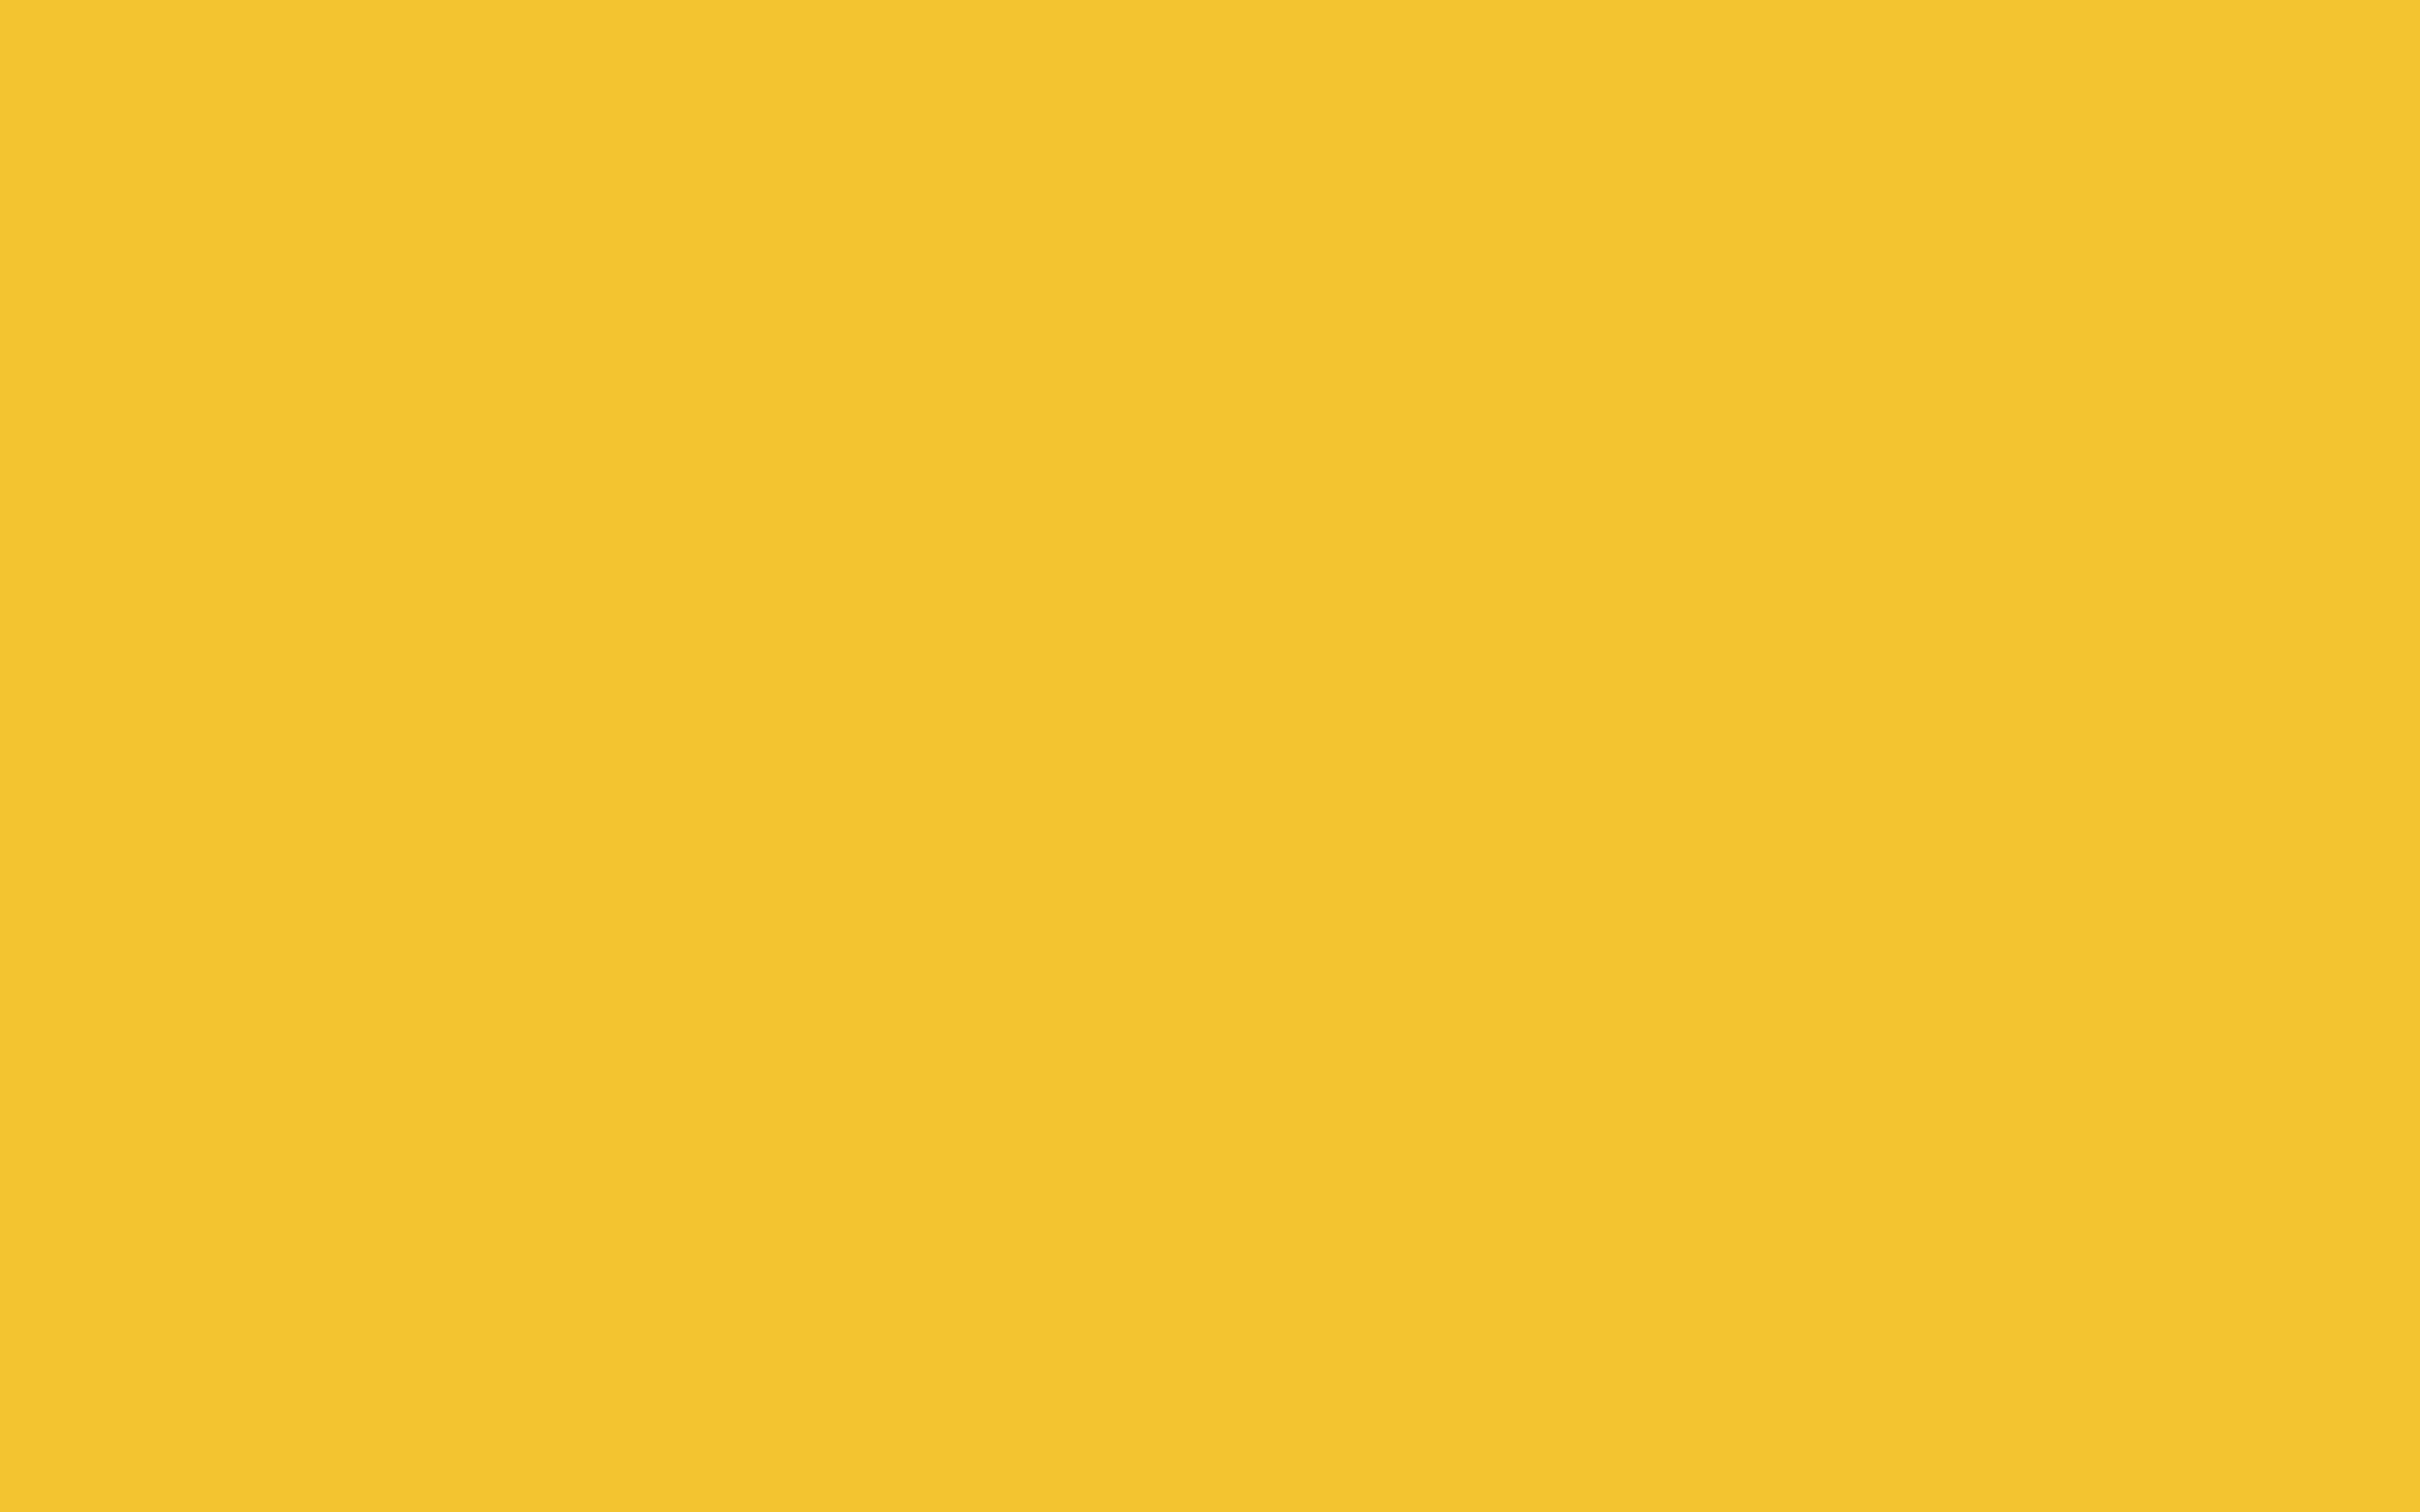 2560x1600 Saffron Solid Color Background